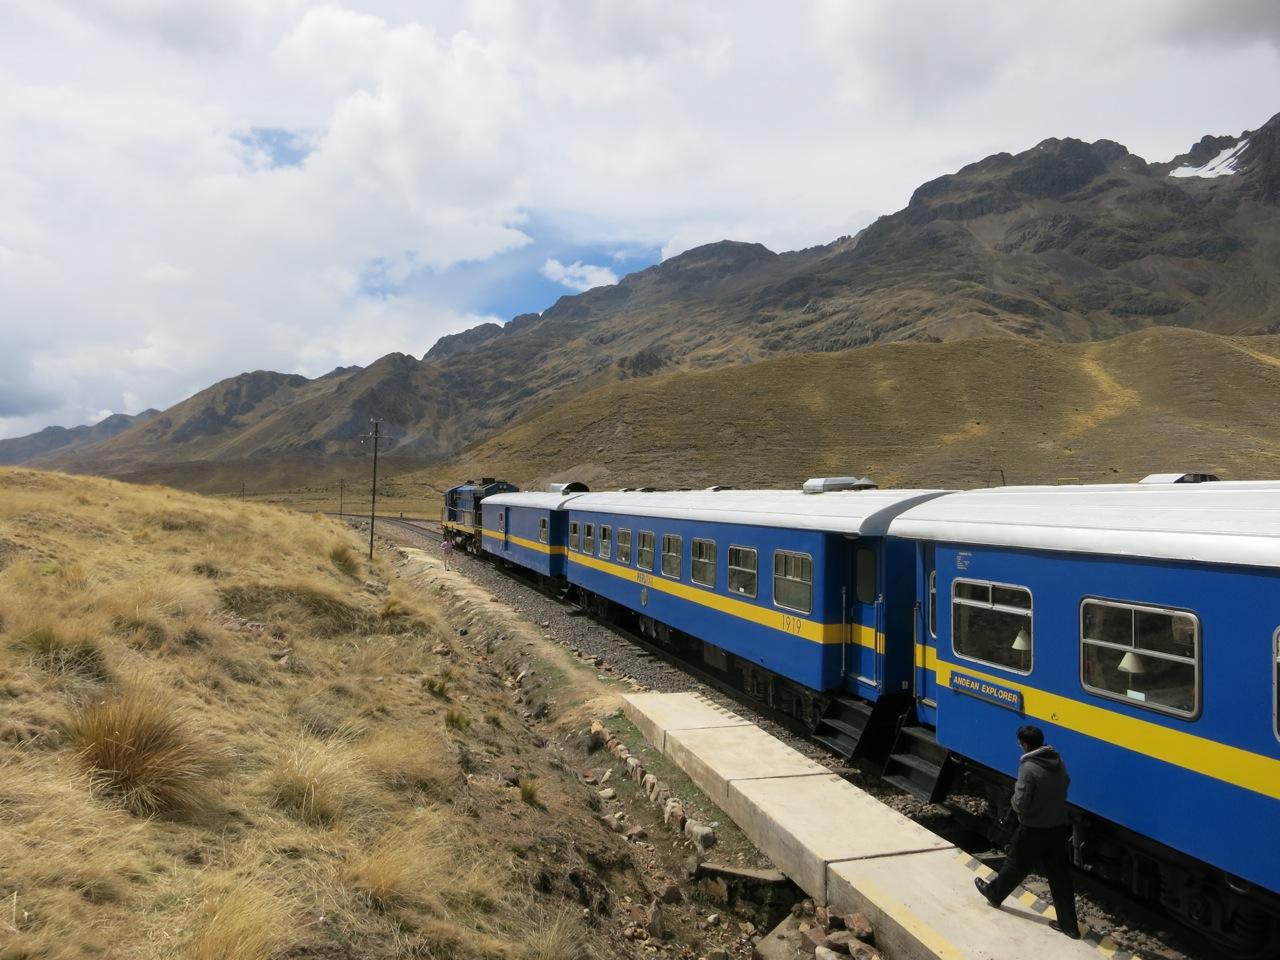 Andes trem 1-02b